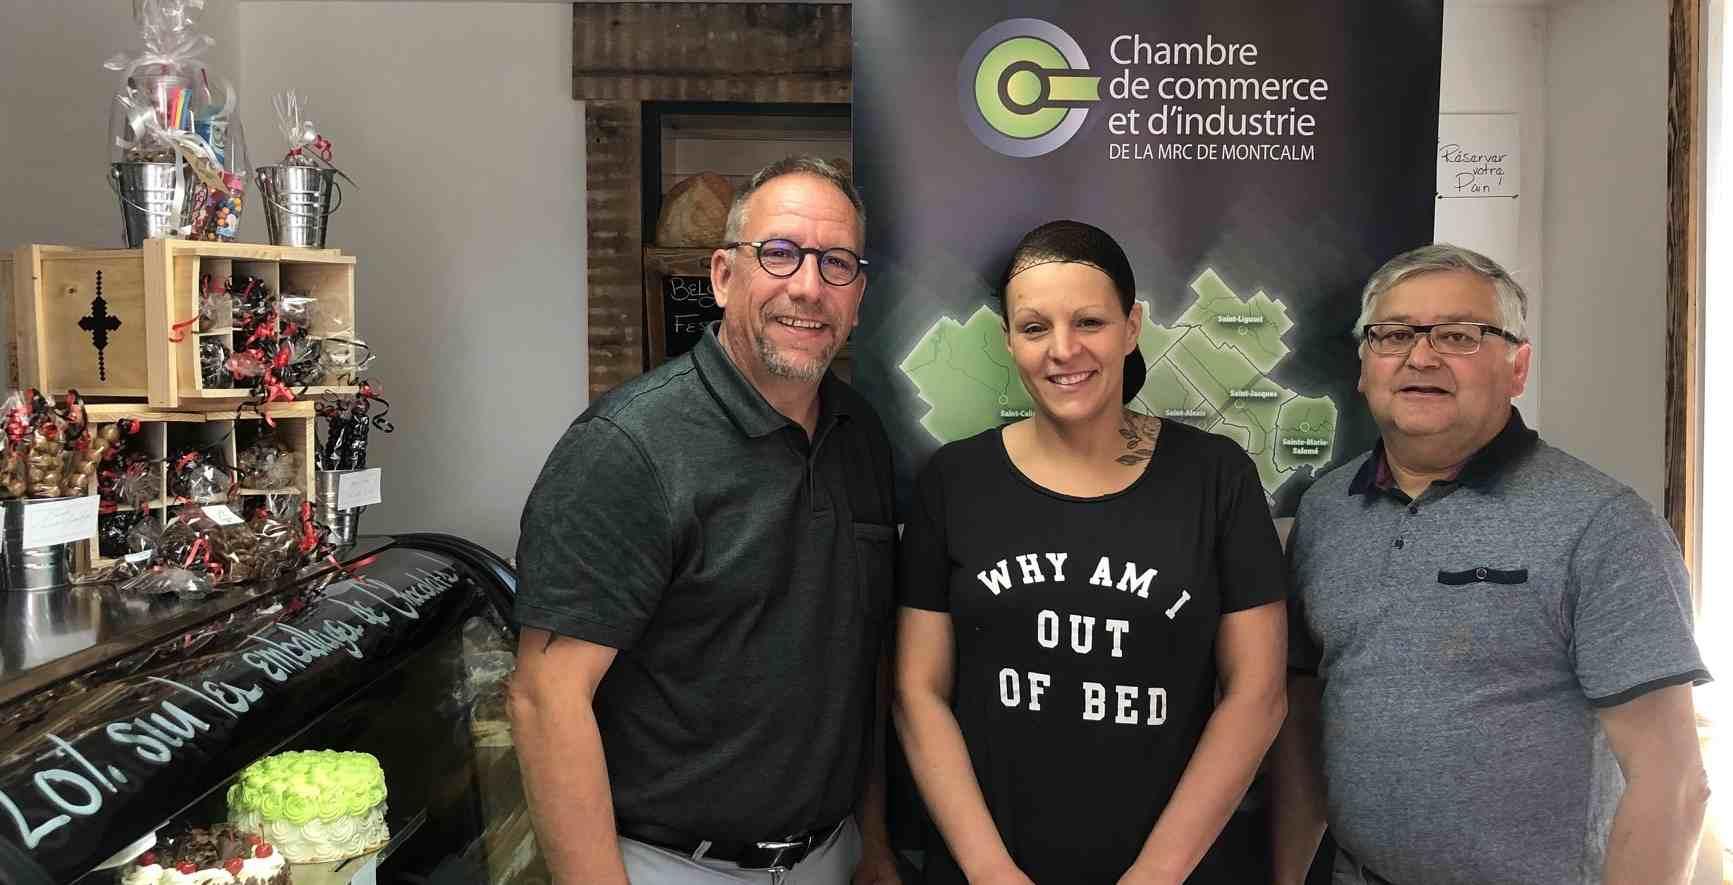 La Chambre de commerce et d'industrie de la MRC de Montcalm, a remis, ce 18 juin, deux Trousse de bienvenue à de nouvelles entreprises de Saint-Lin-Laurentides :